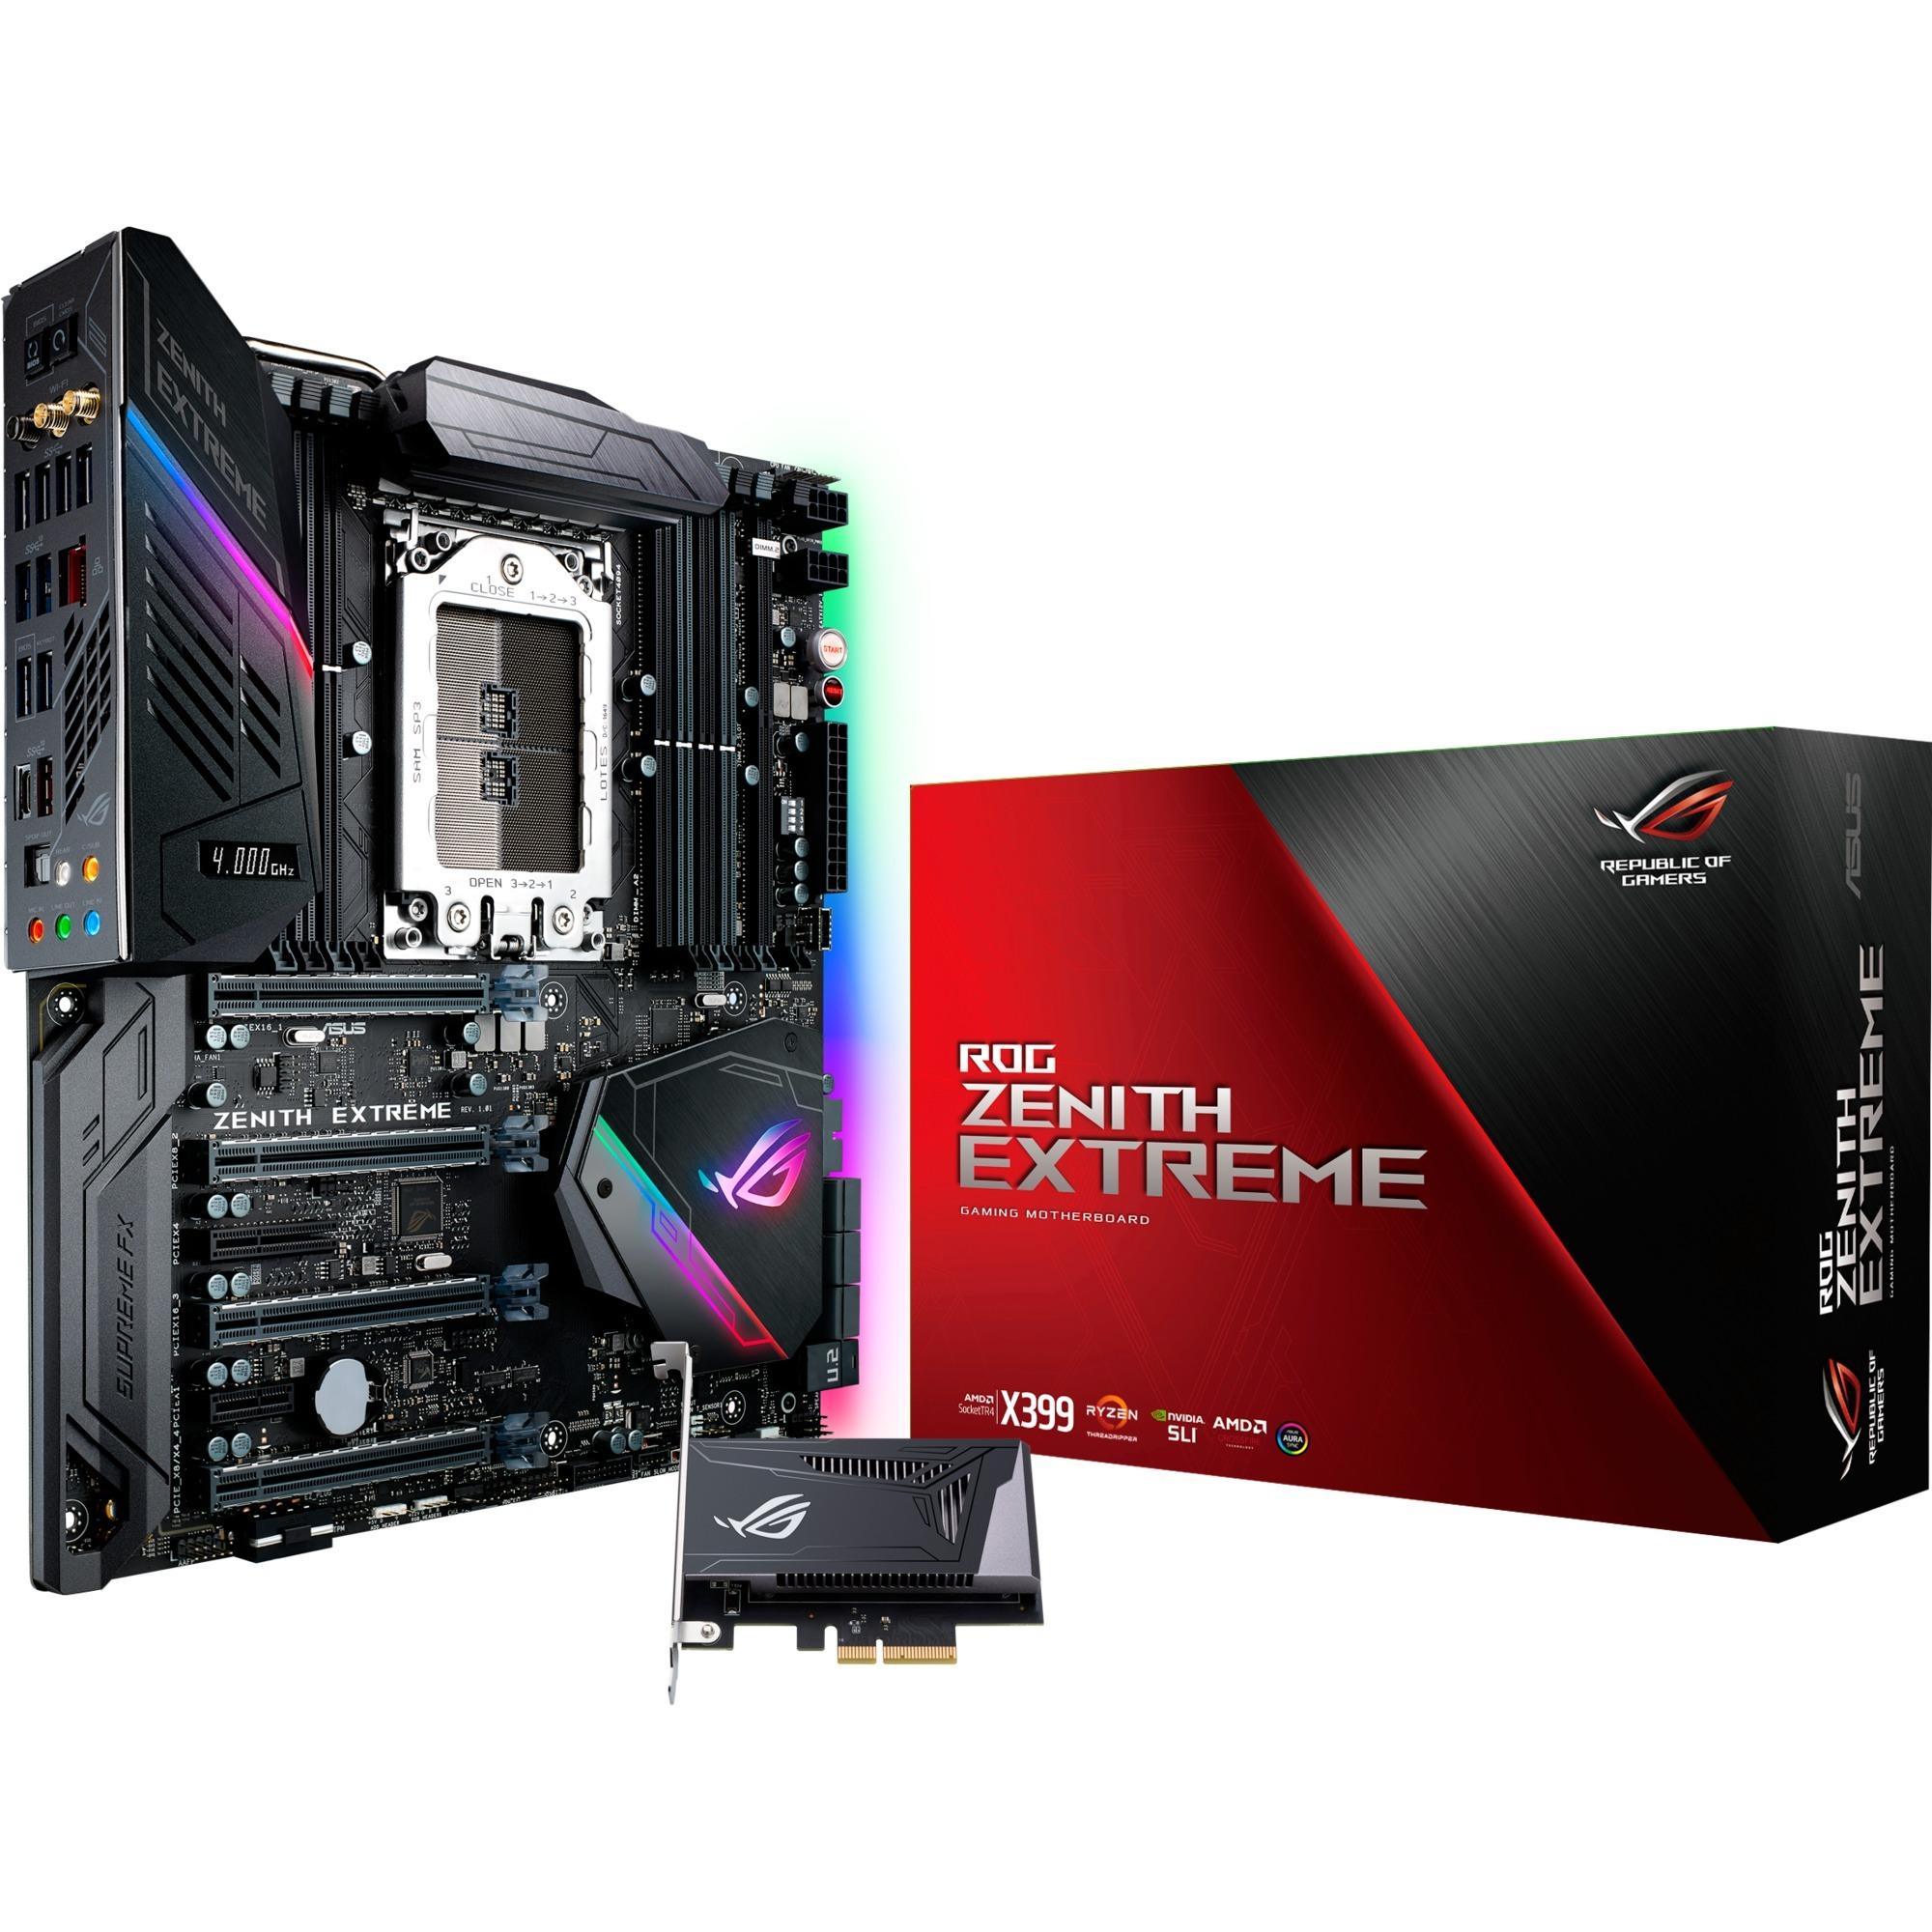 ROG ZENITH EXTREME placa base Socket TR4 ATX extendida AMD X399